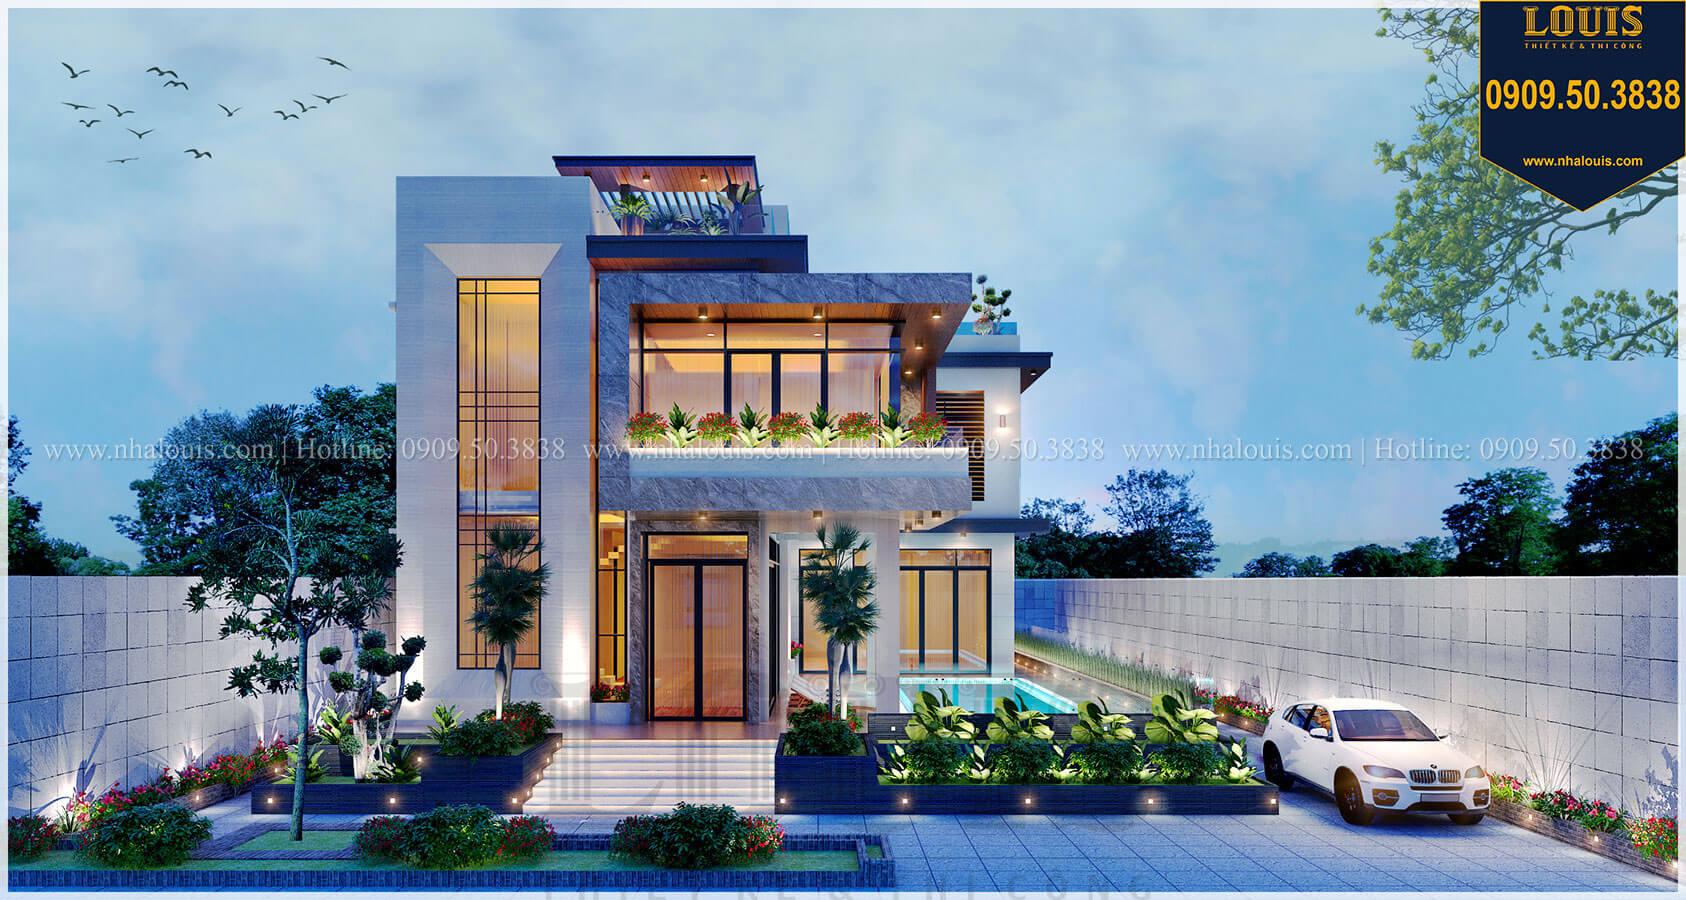 Những mẫu nhà biệt thự 2 tầng đẹp đón đầu xu hướng mới